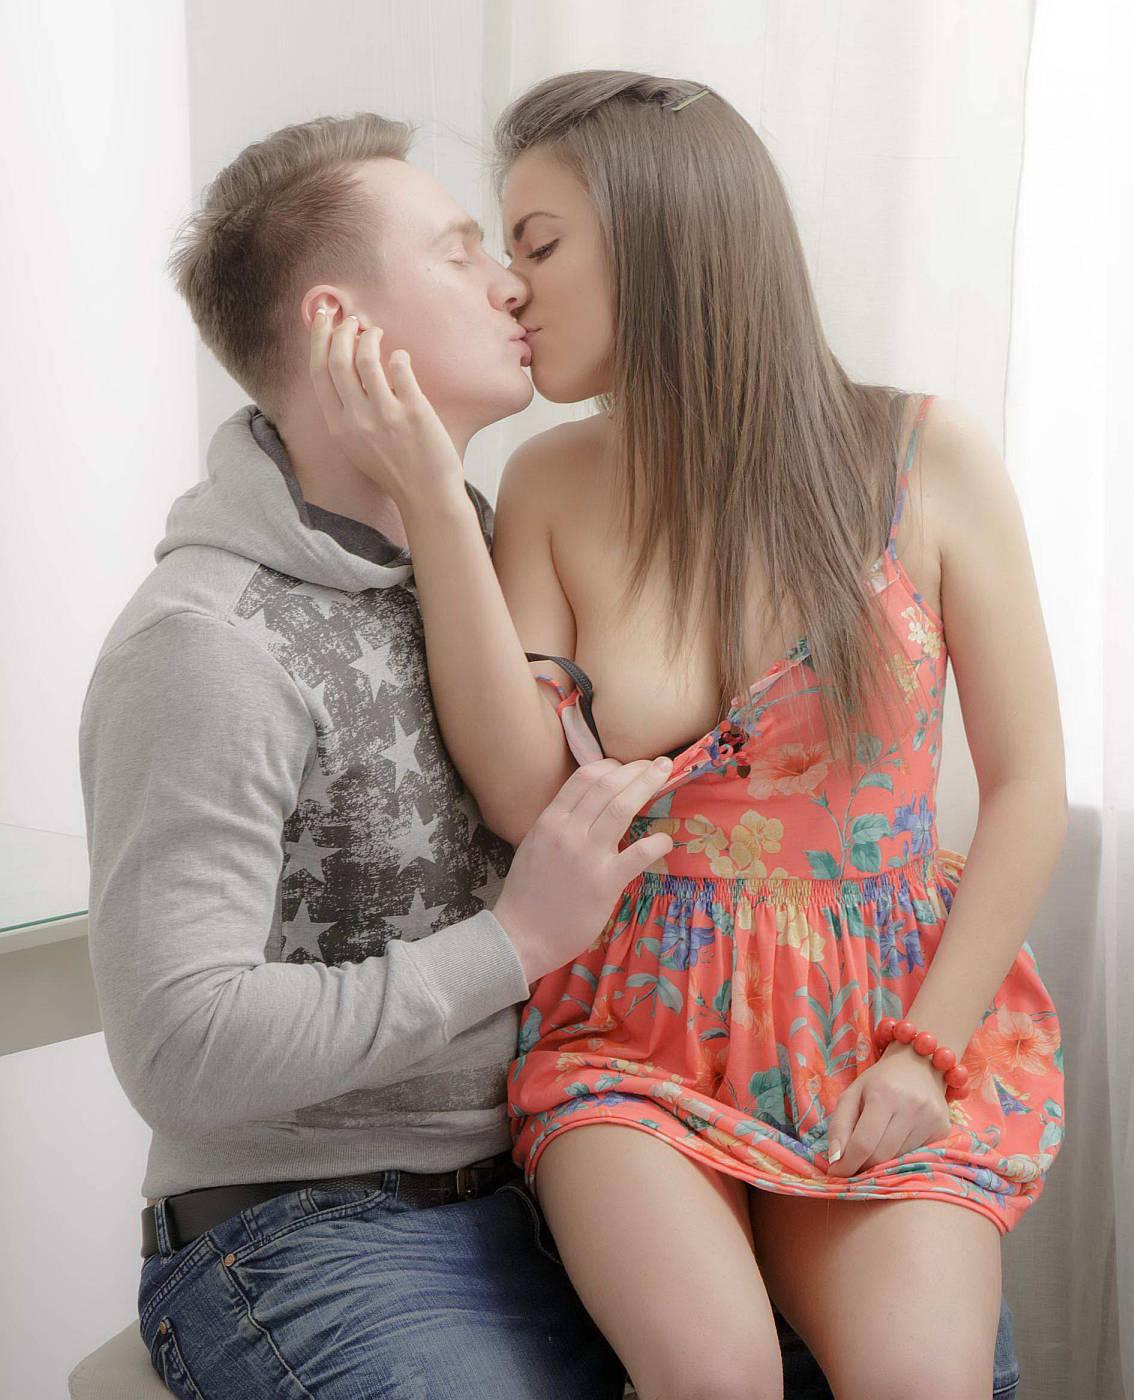 Секс в позе наездницы кавказских 18 летних подростков от ...